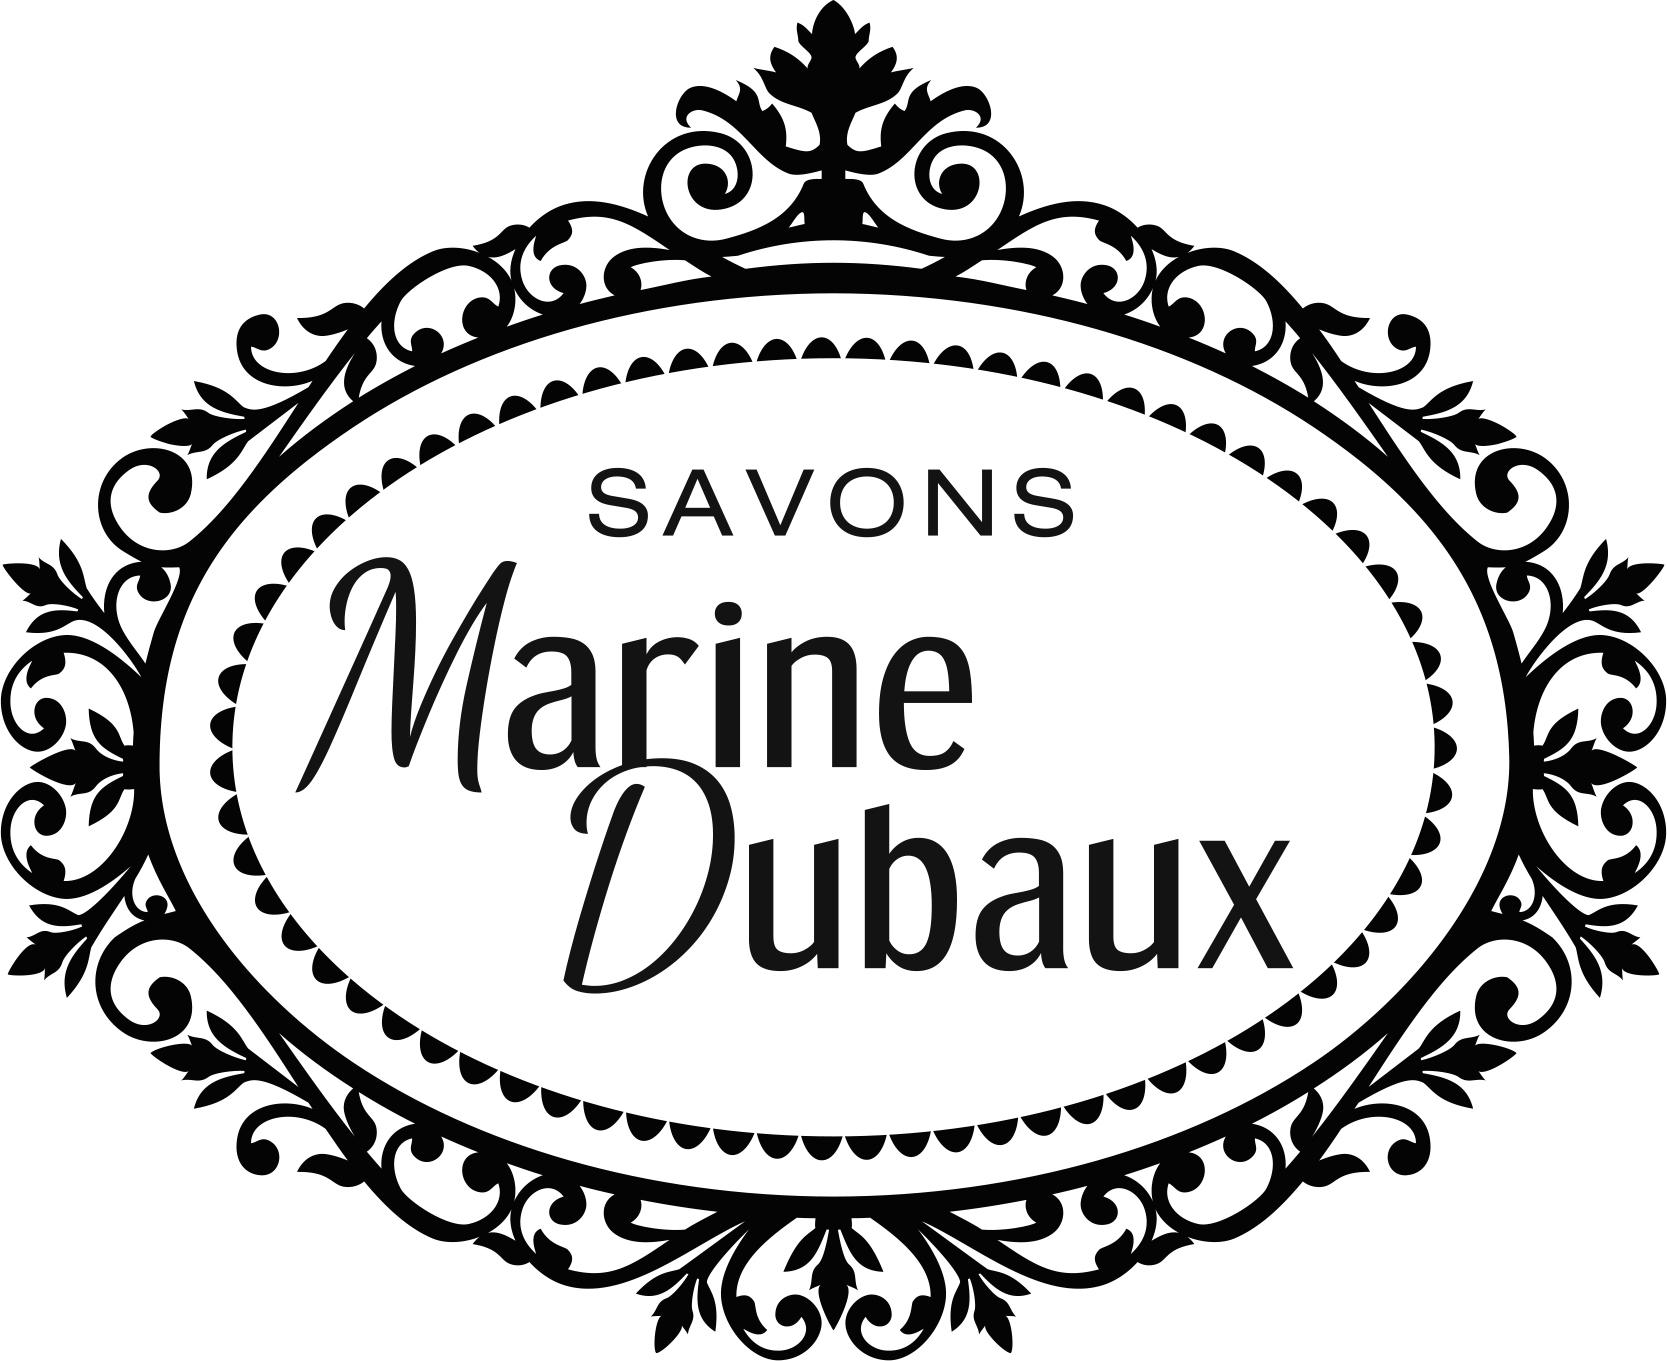 Savons Marine Dubaux